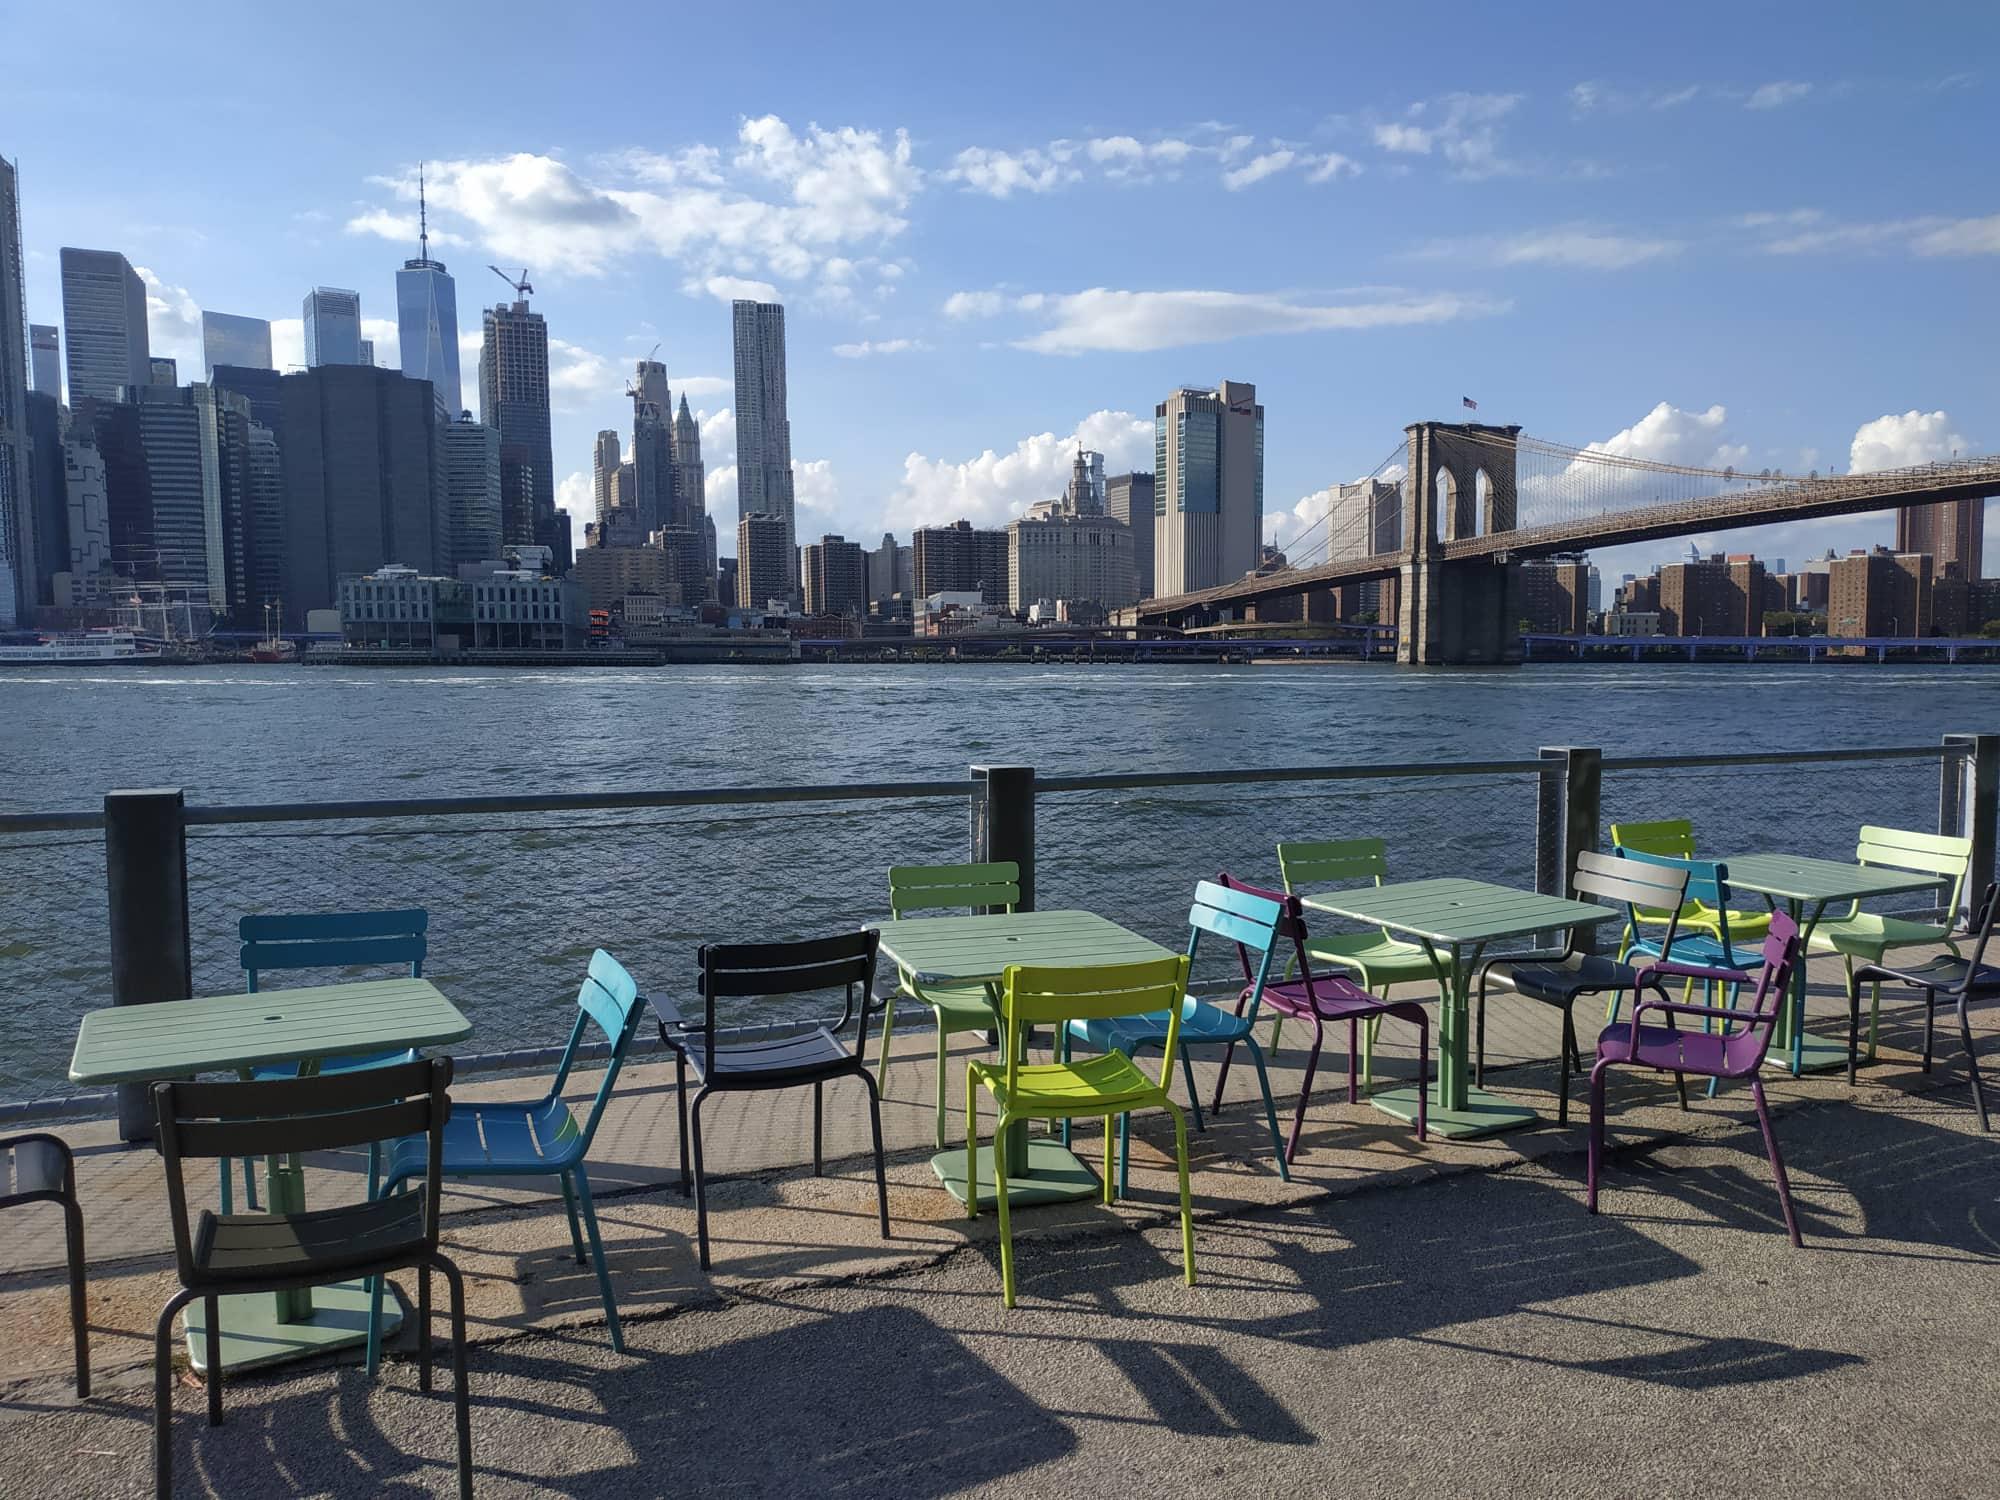 Öt különös dolog, amit New Yorkban tapasztaltam